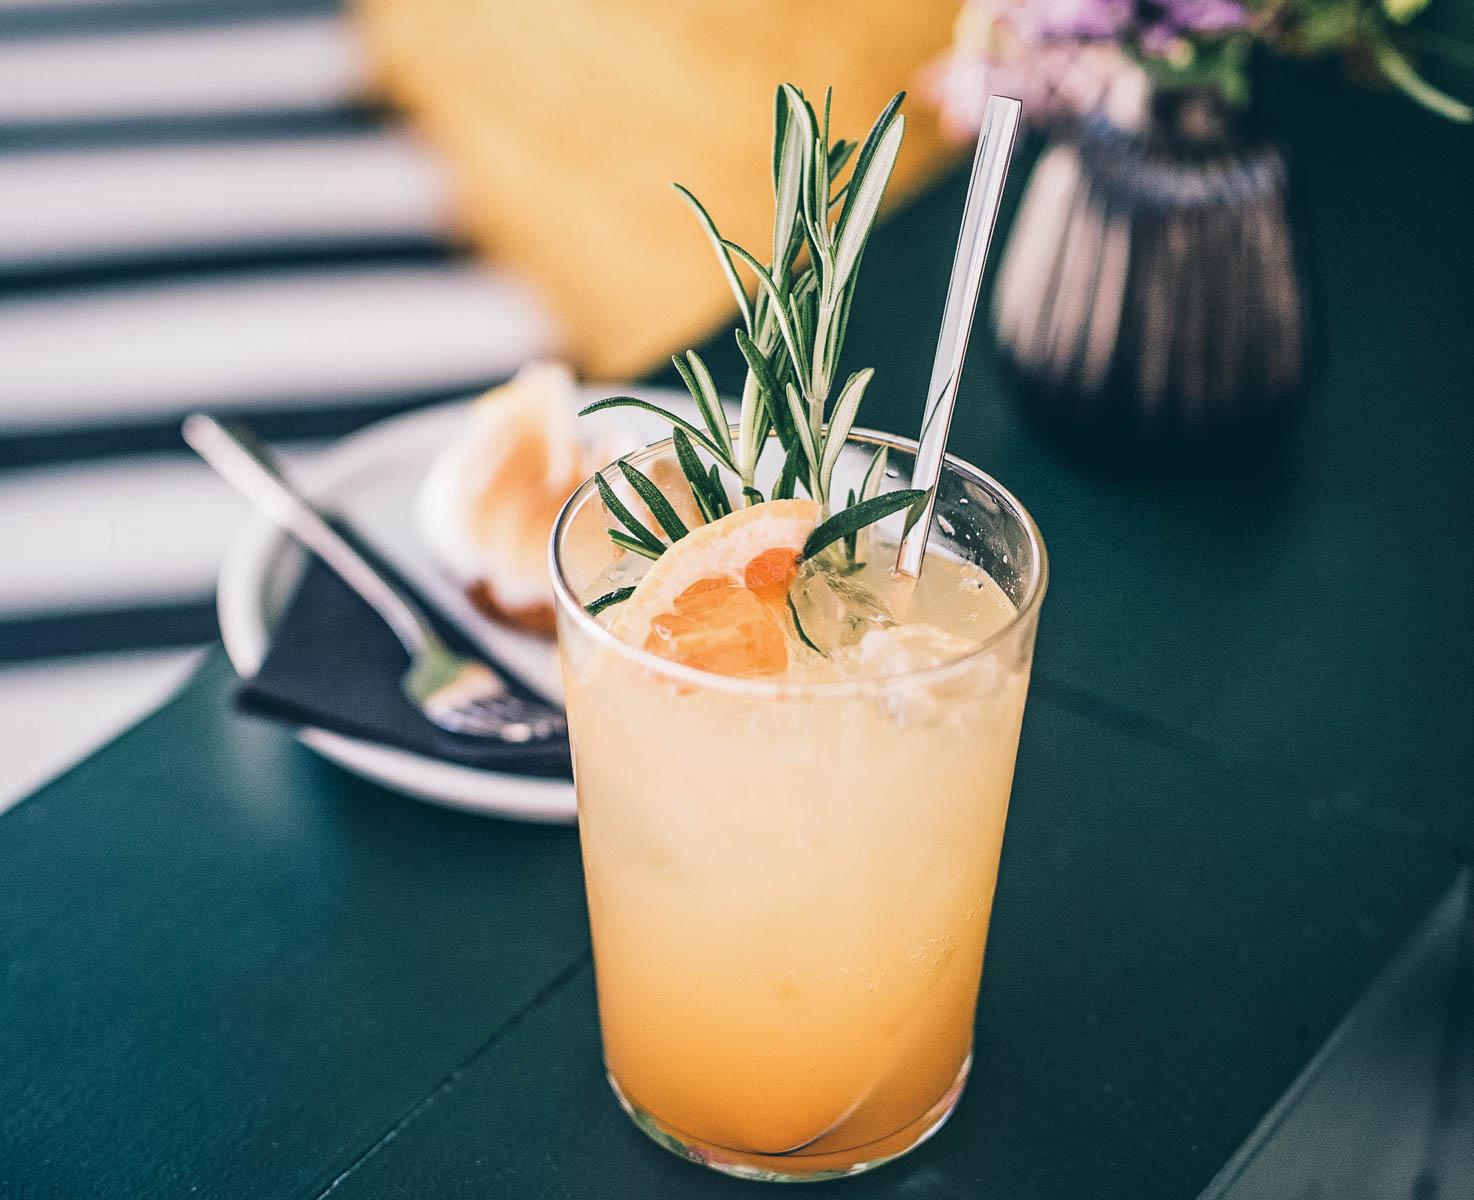 Hausgemachte Limo mit Grapefruit und Rosmarin.  – ©Manuel Nieberle